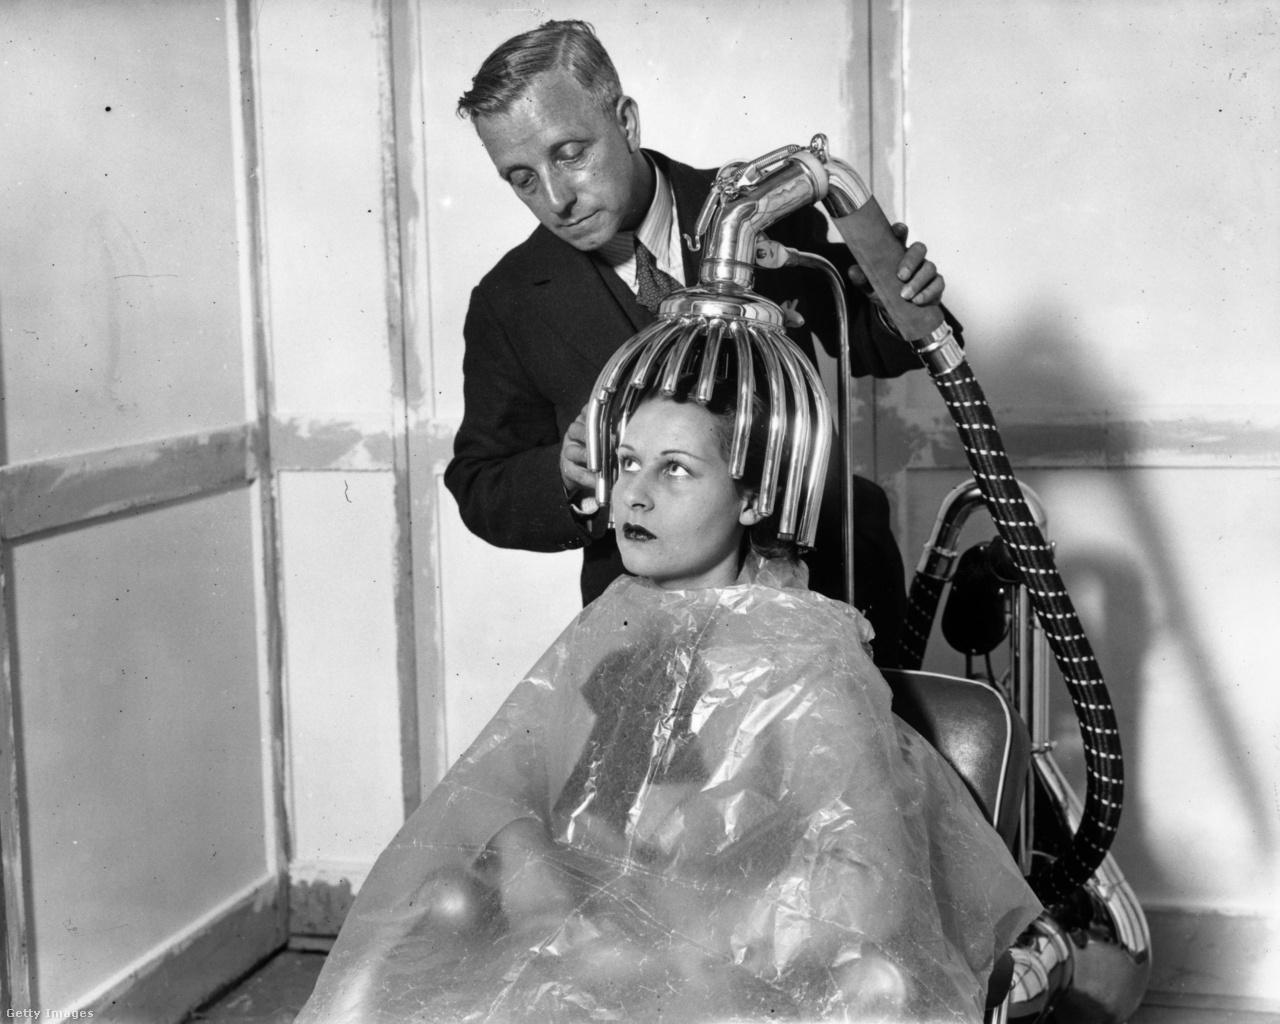 A harmincas években irtóra pezsgett a fodrászati eszközök piaca: ez itt egy kb harminc, a fej formáját követő csőből álló hajszárító, amit a londoni Haj és Szépség Vásáron mutattak be.